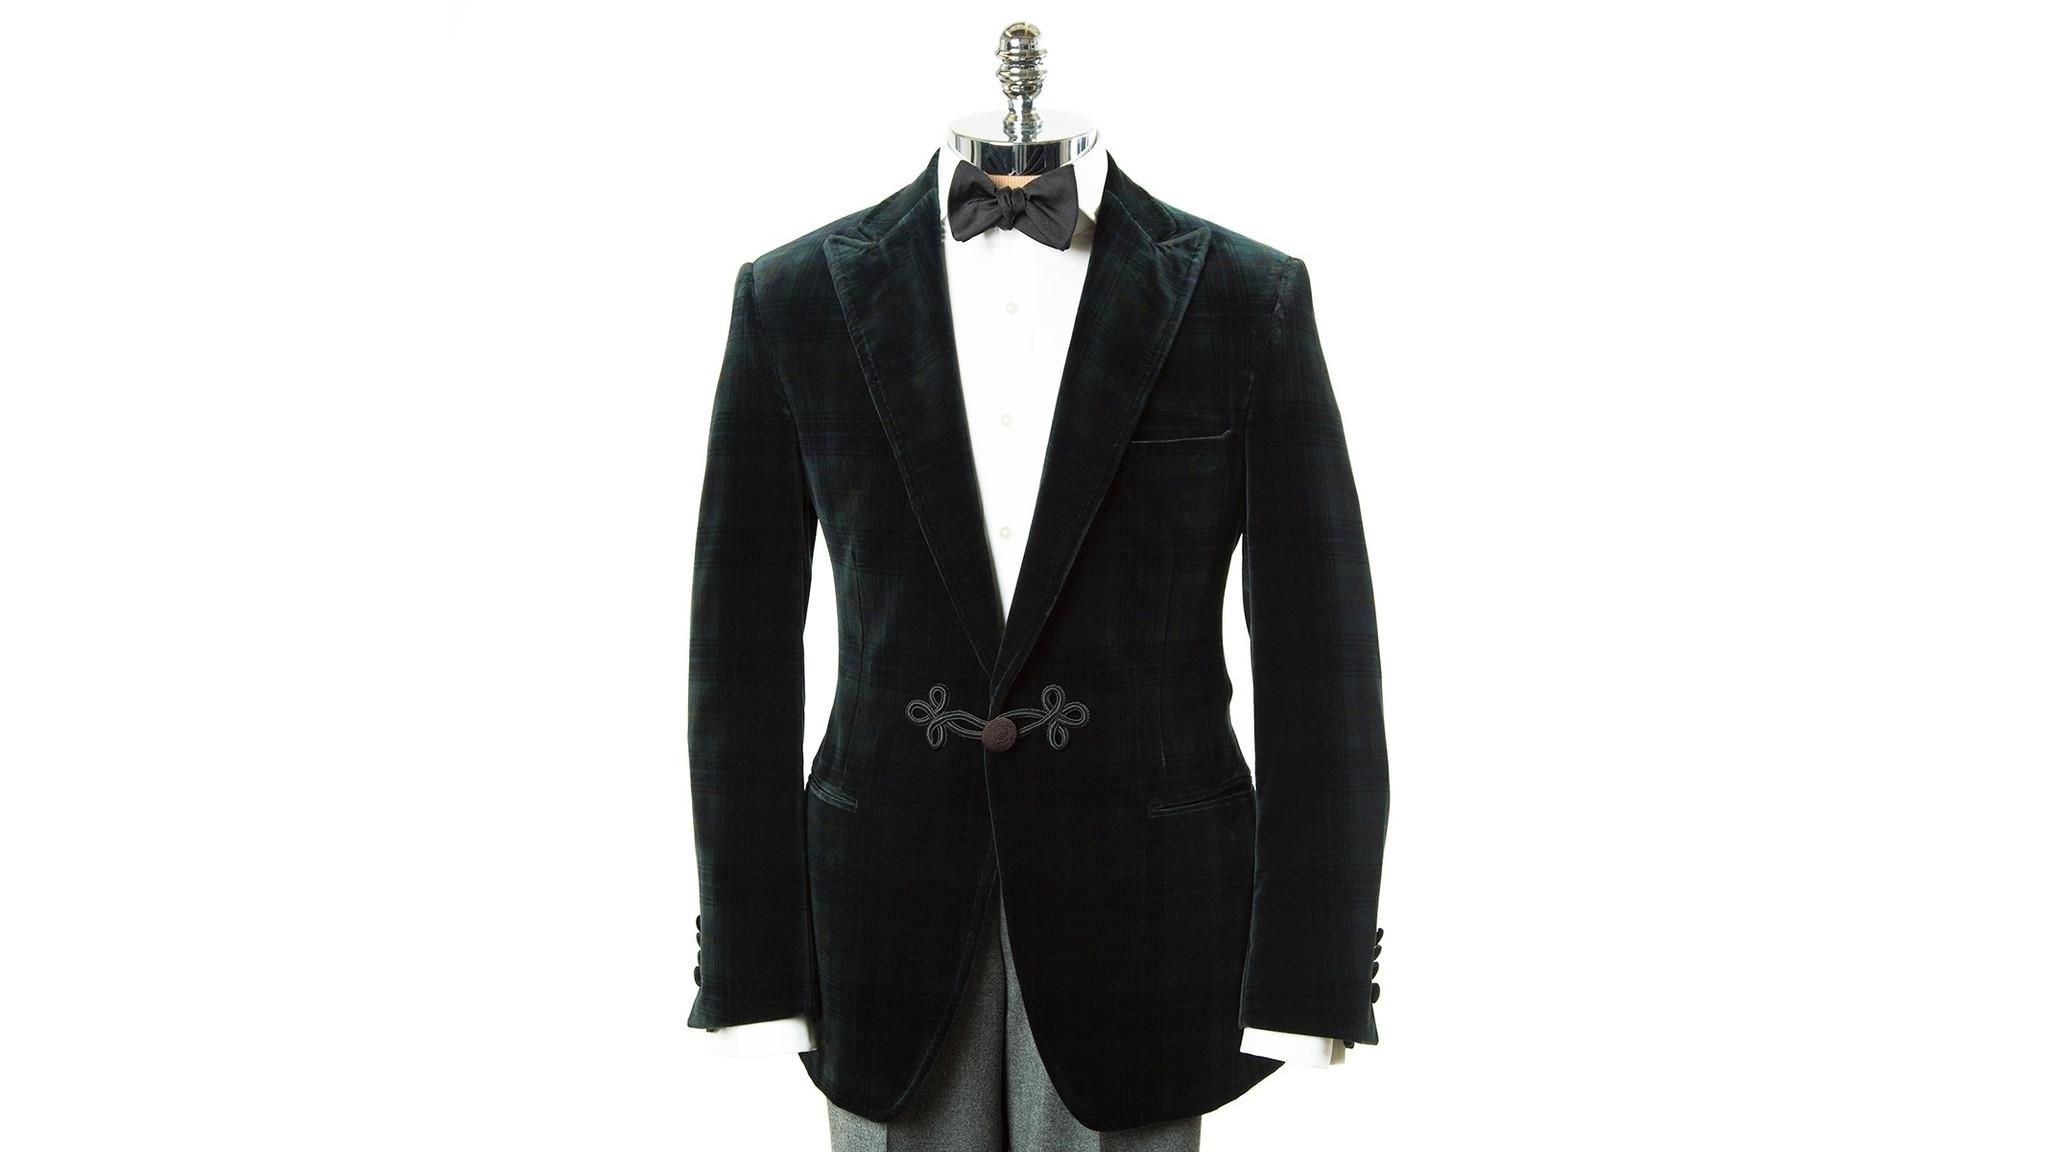 Paul Stuart suit.